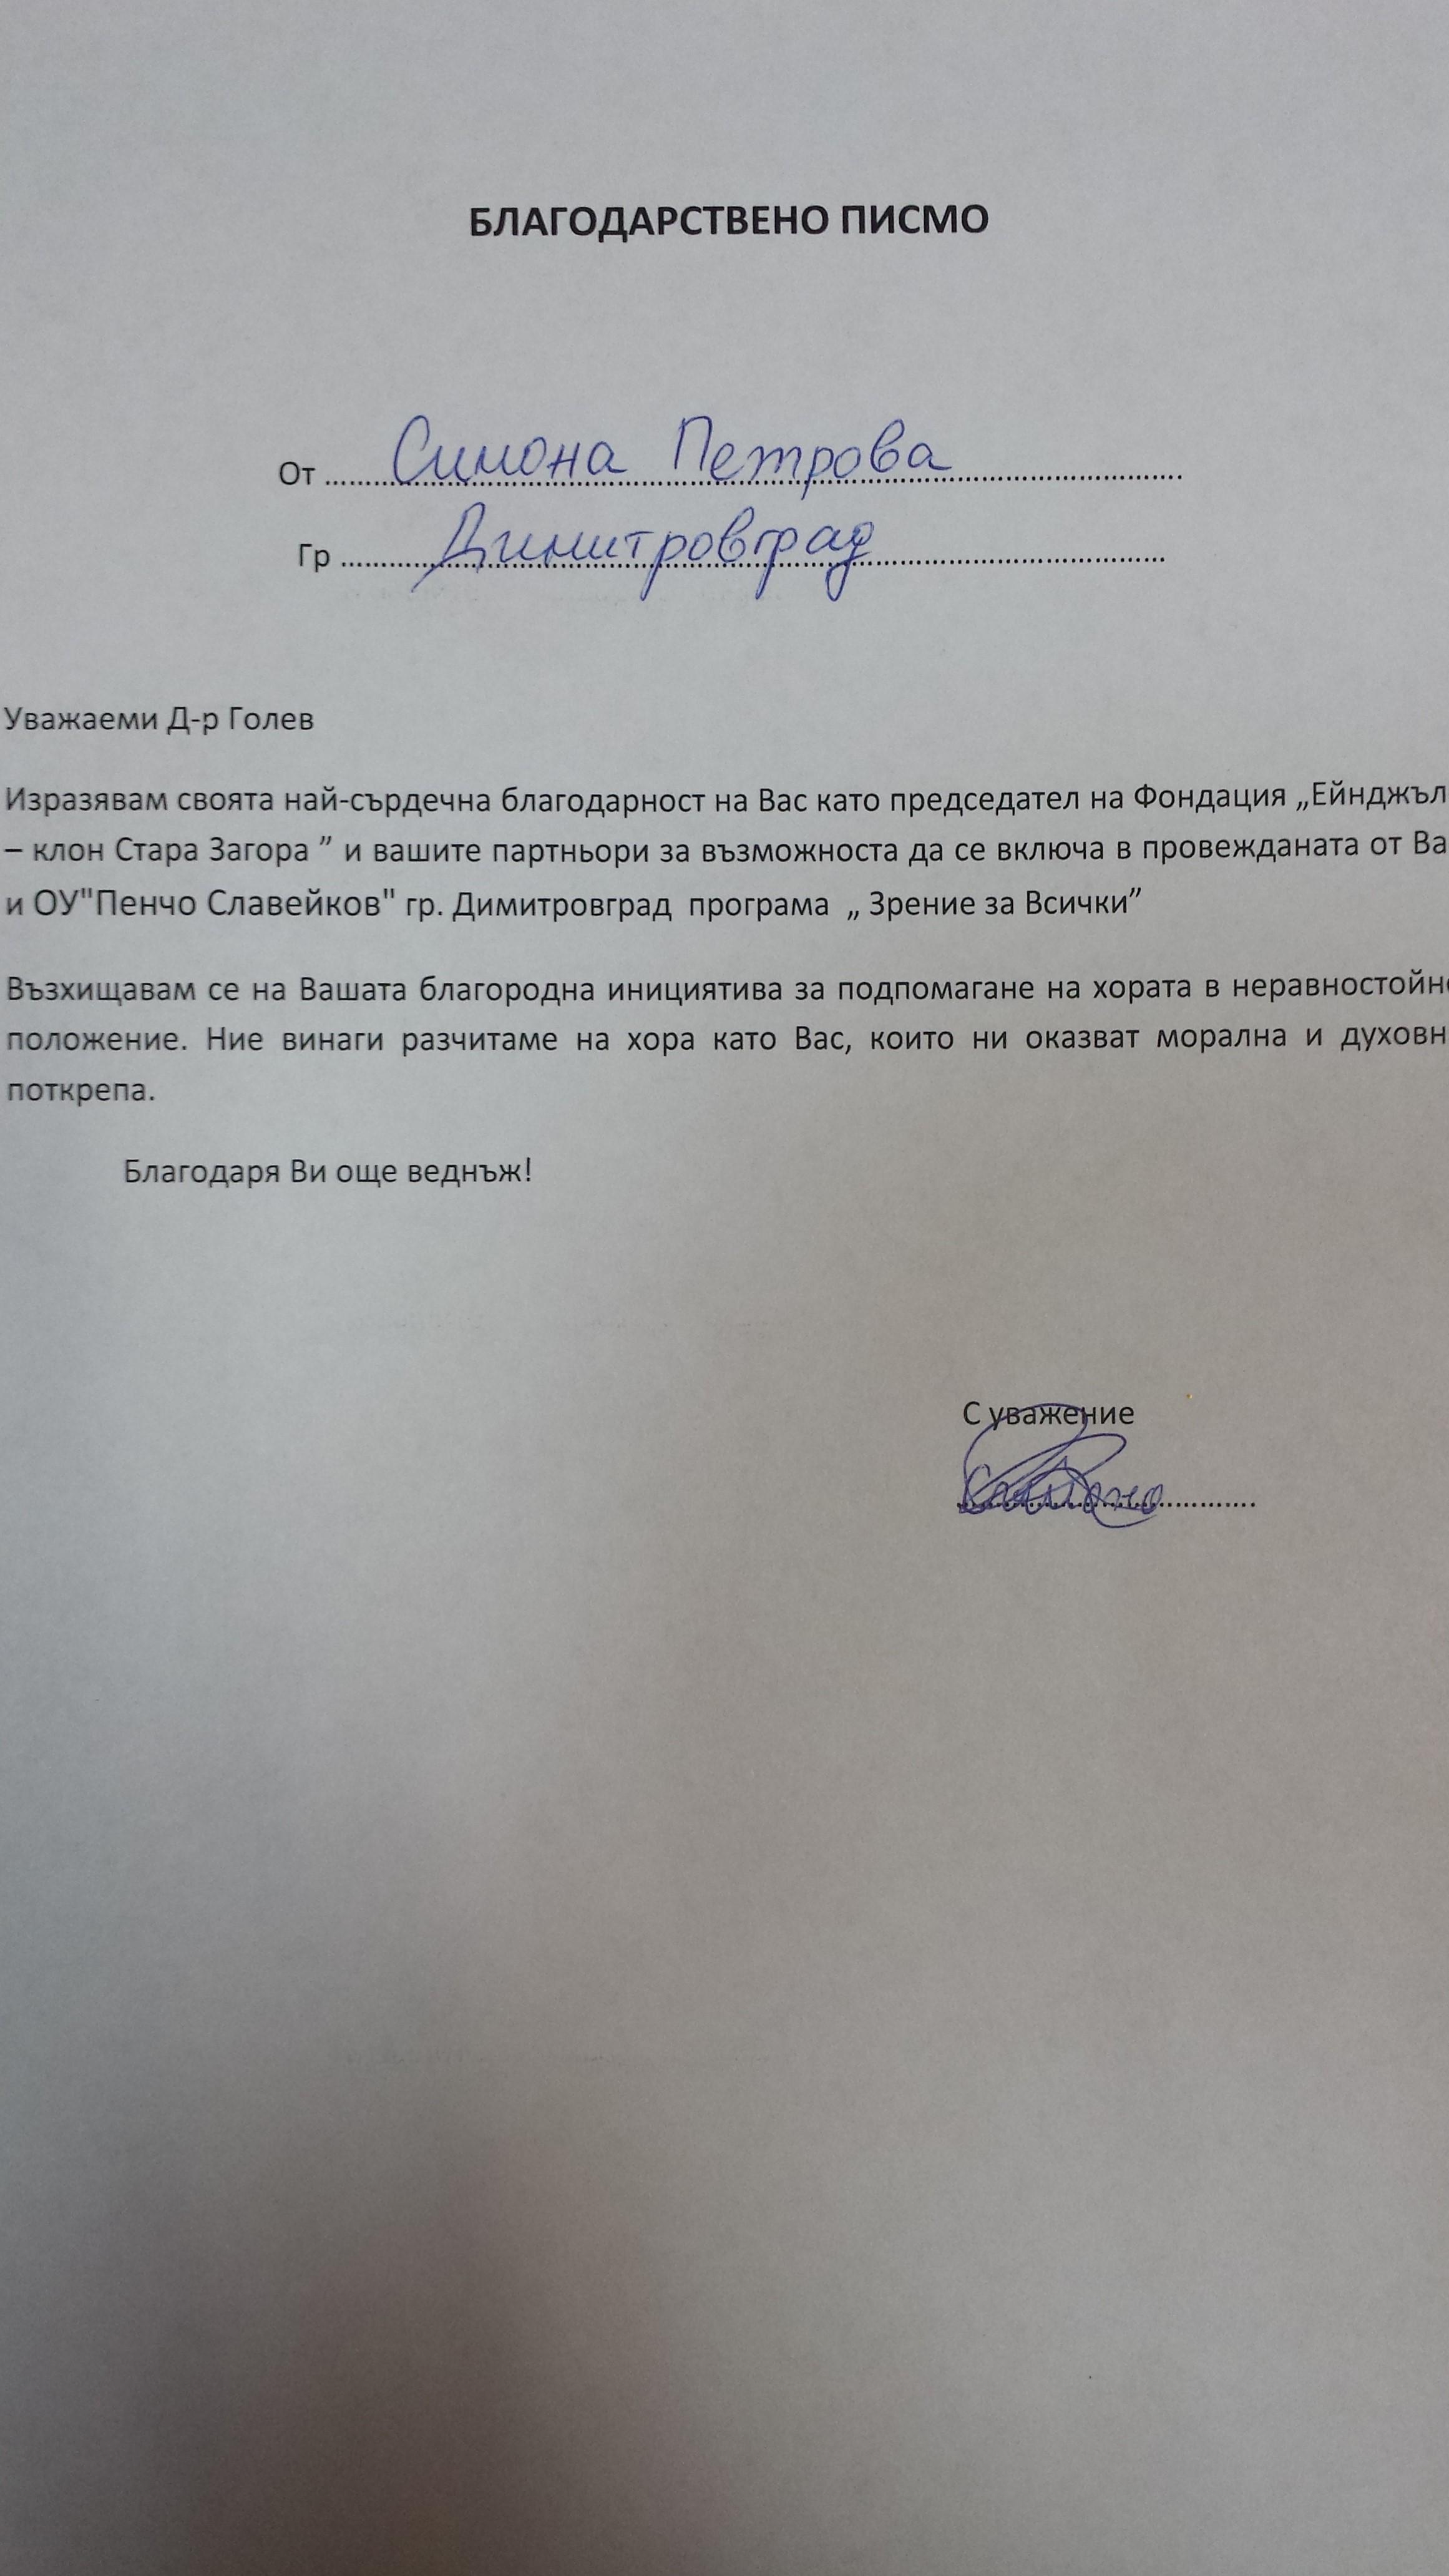 Благодарствено писмо Симона Петрова , Зрение за всички